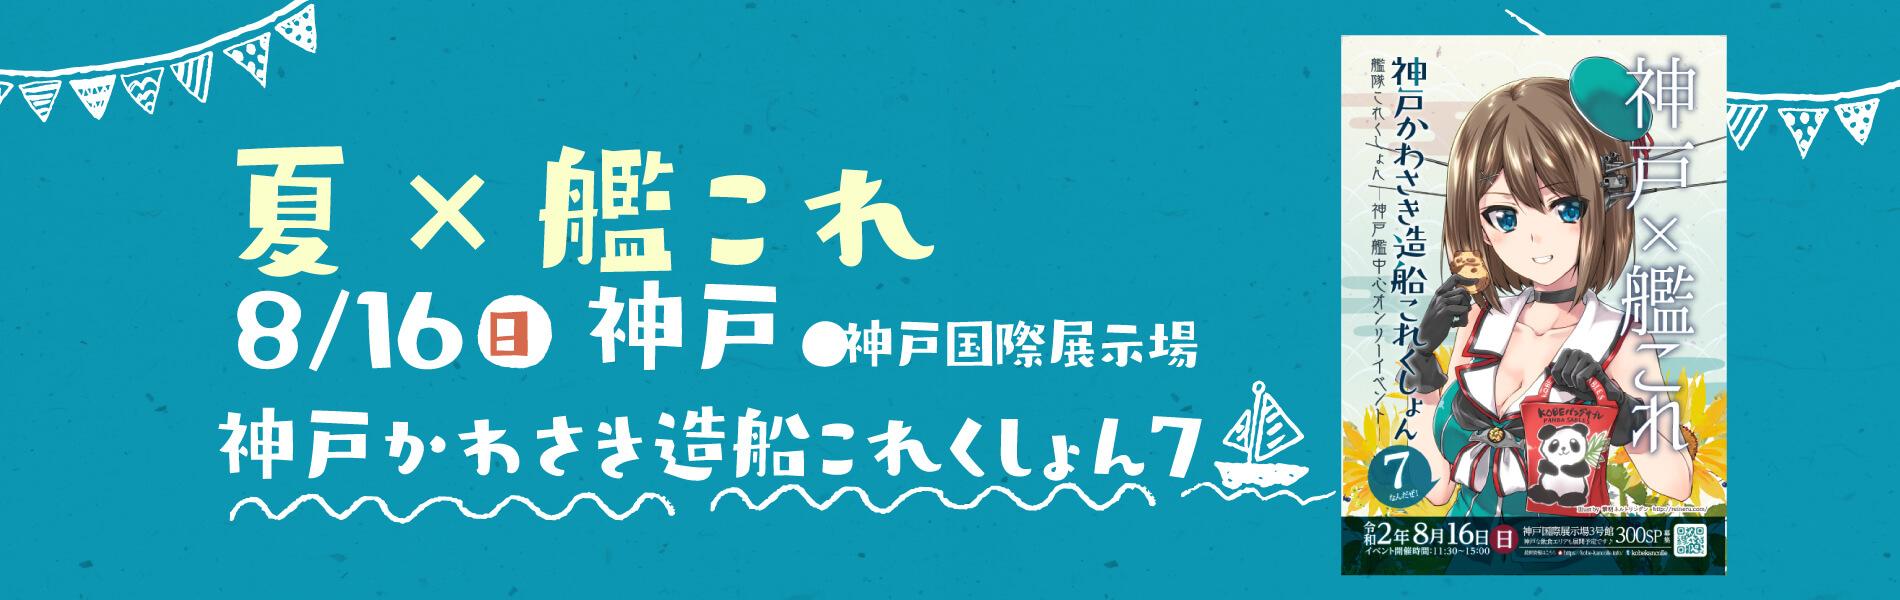 神戸かわさき造船これくしょん7